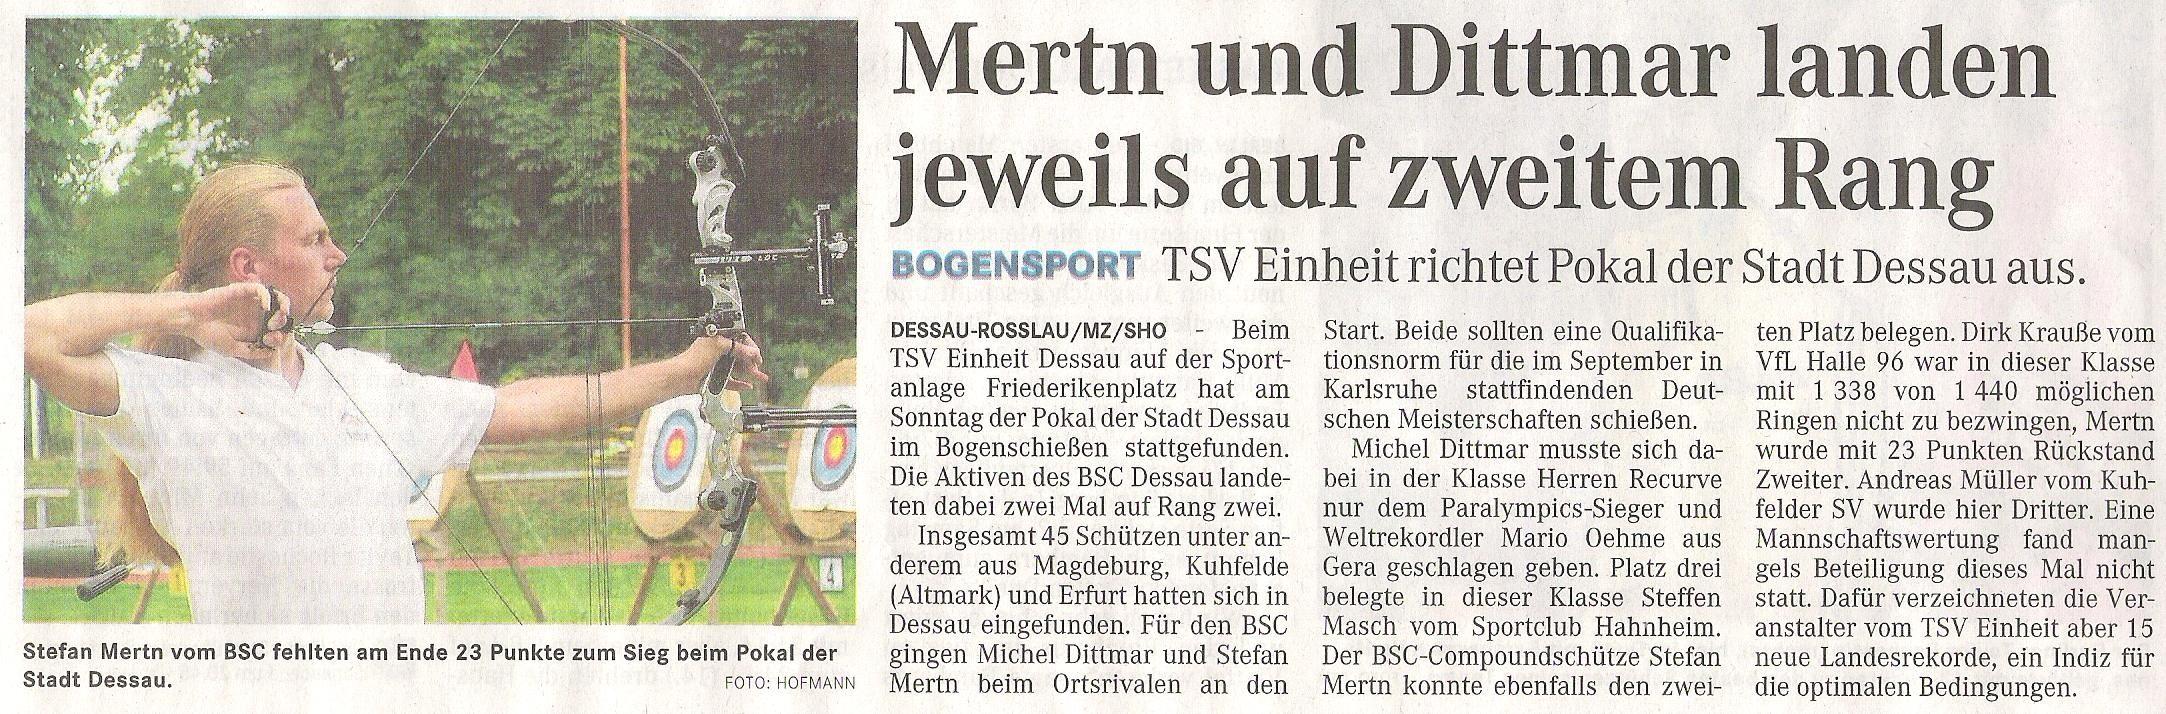 Pokal der Stadt Dessau – Mitteldeutsche Zeitung vom 15.06.2011